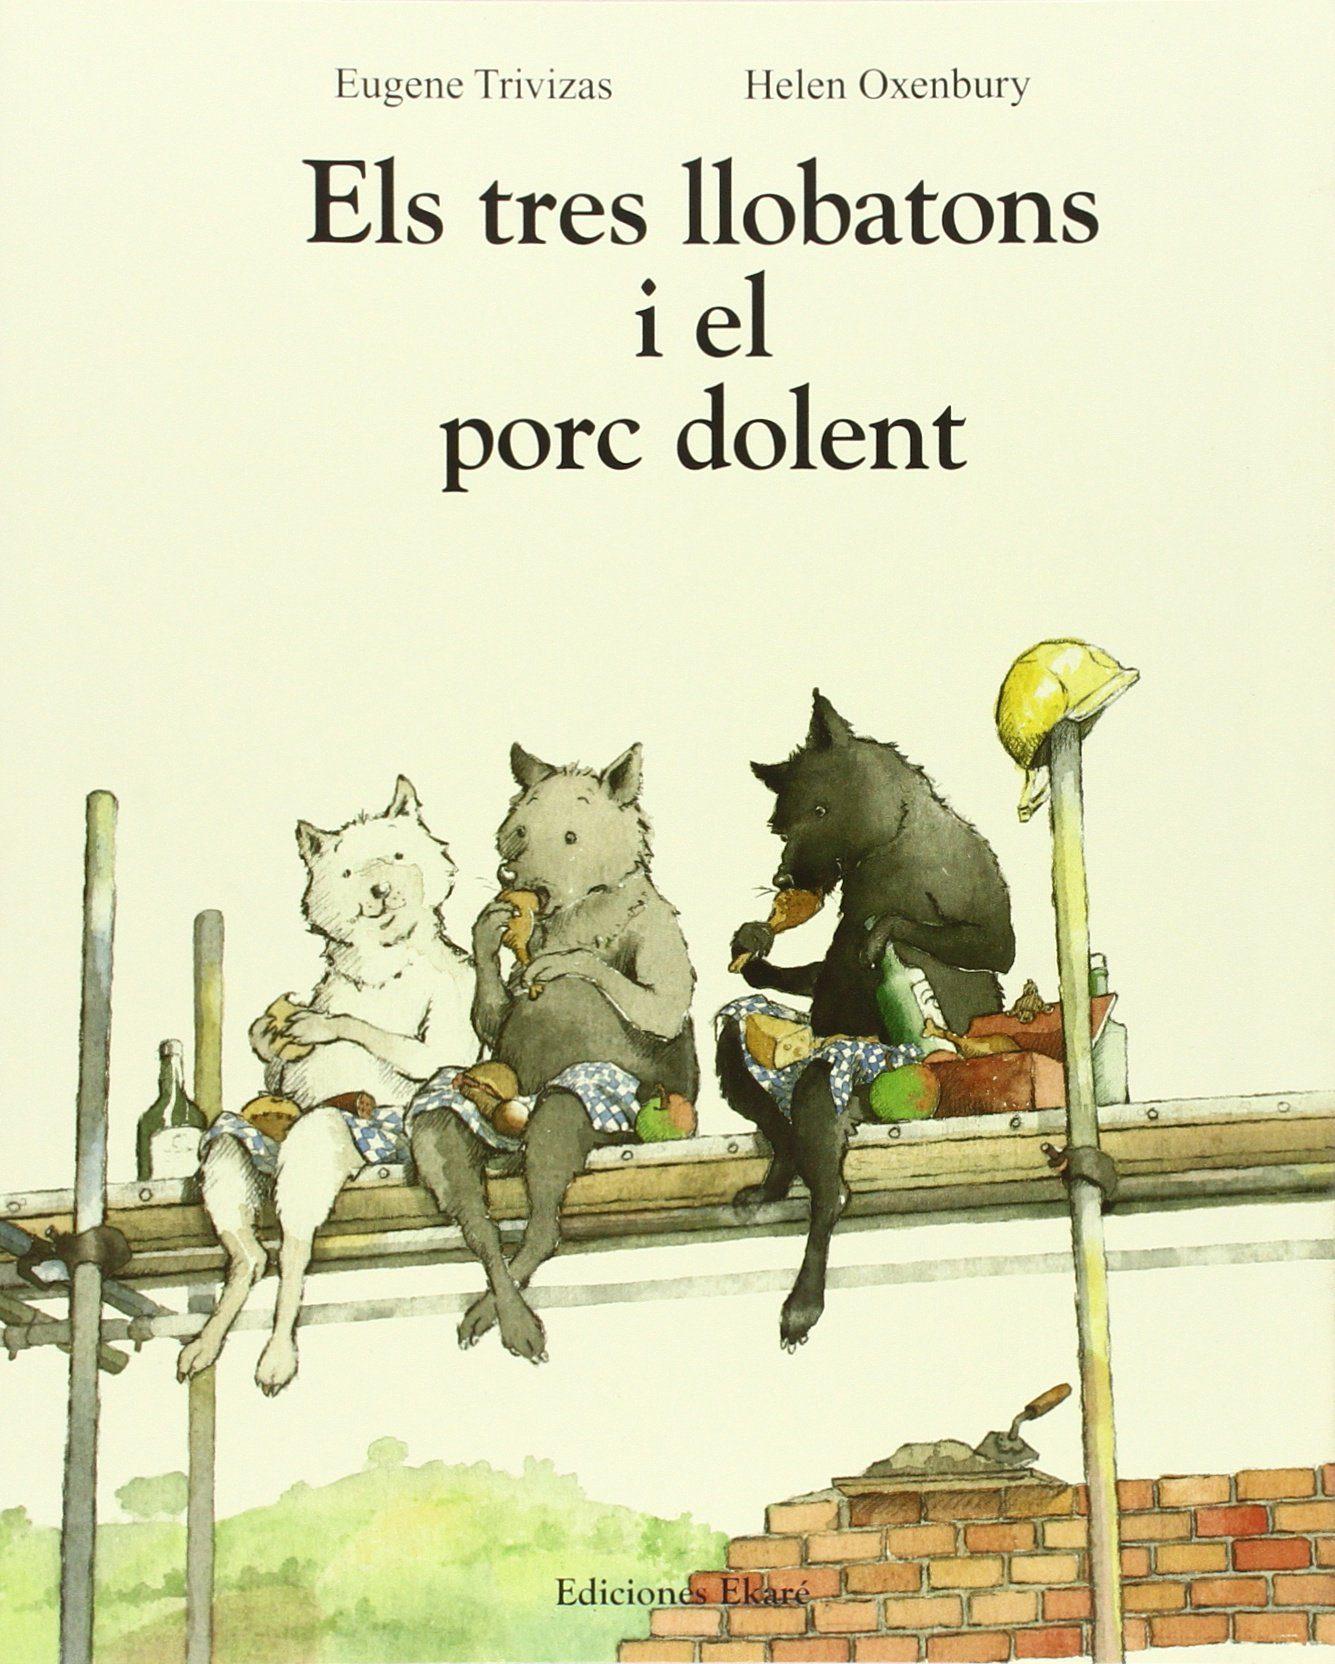 els tres llobatons i el porc dolent-eugene trivizas-helen oxenbury-9788493684303